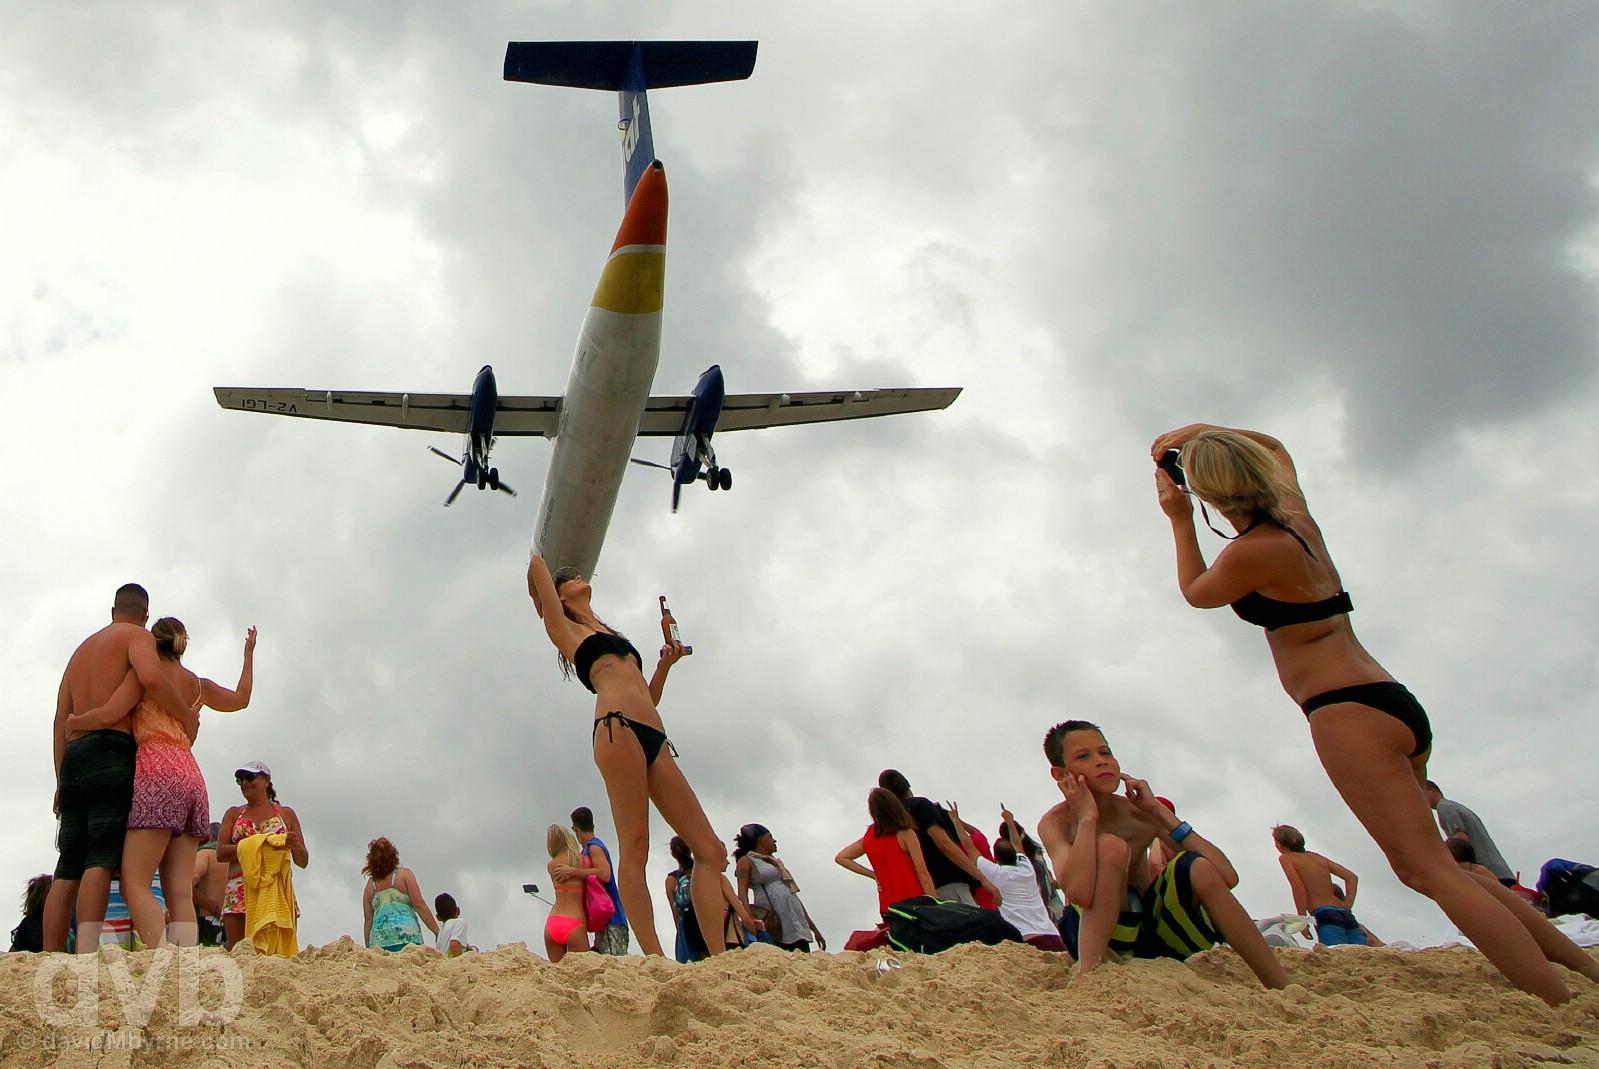 An approach to Juliana Airport over the sands of Maho Beach, Sint Maarten, Lesser Antilles. June 9, 2015.